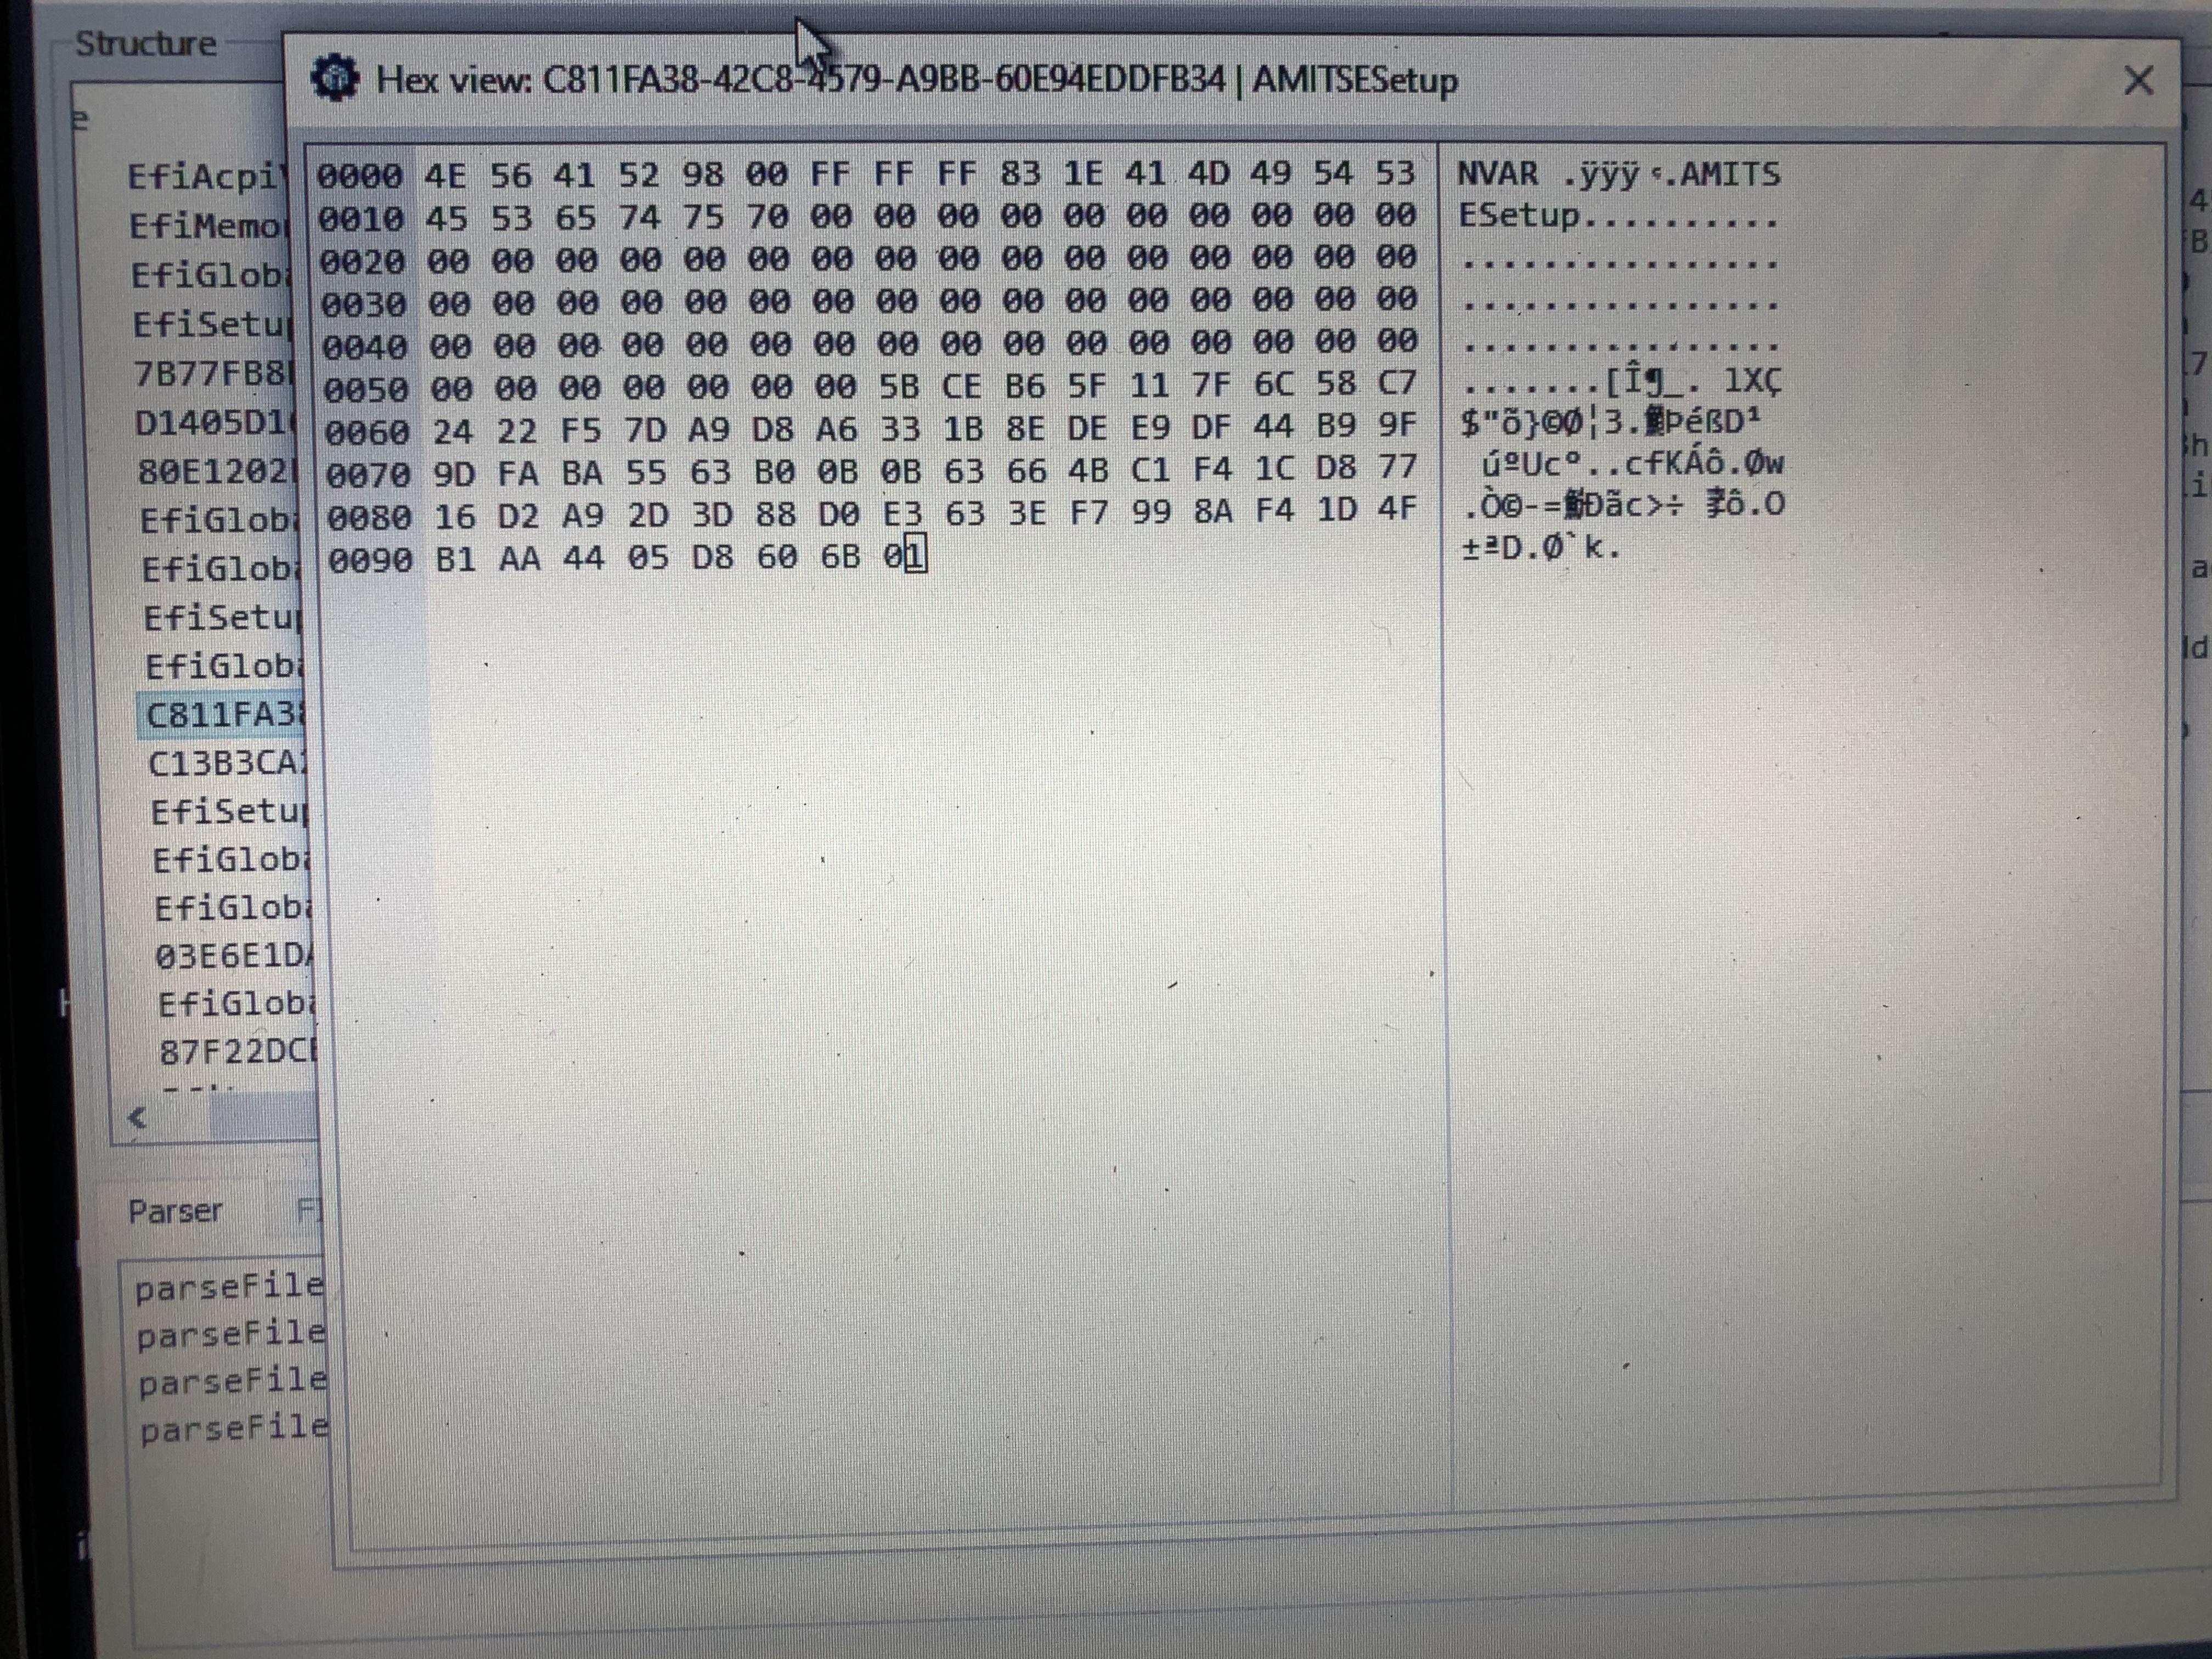 10AA43D4-87D2-4FCB-AB6F-C8B7A23CC5DD